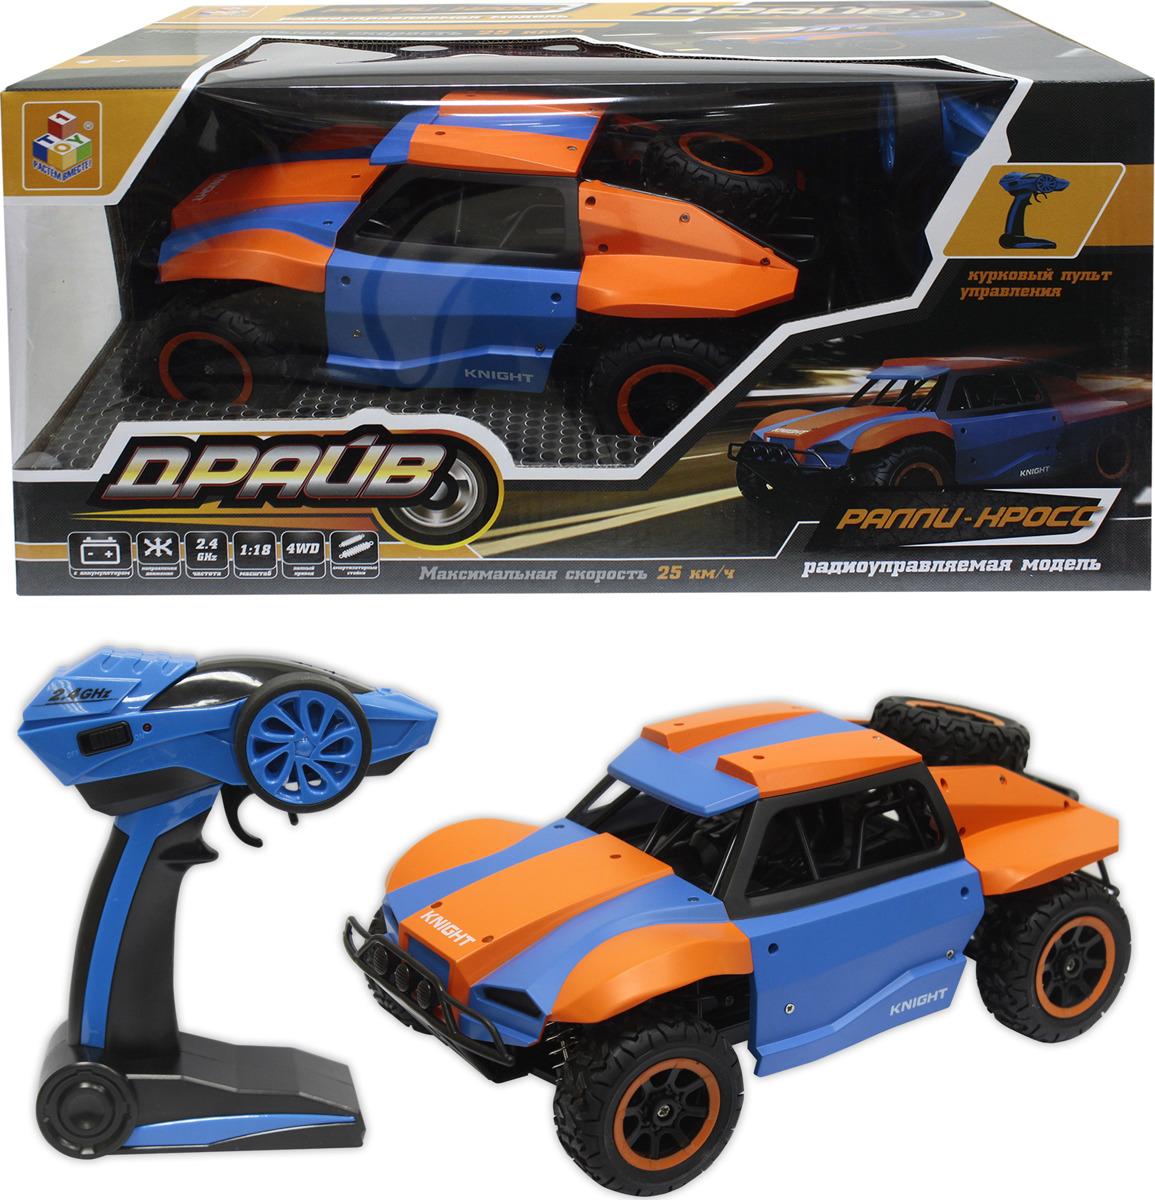 Машинка Раллийная Драйв 1TOY радиоуправляемая, 4WD, цвет: голубой, оранжевый легковые машины и мотоциклы 1toy машинка металлическая 1toy драйв animals 8 см